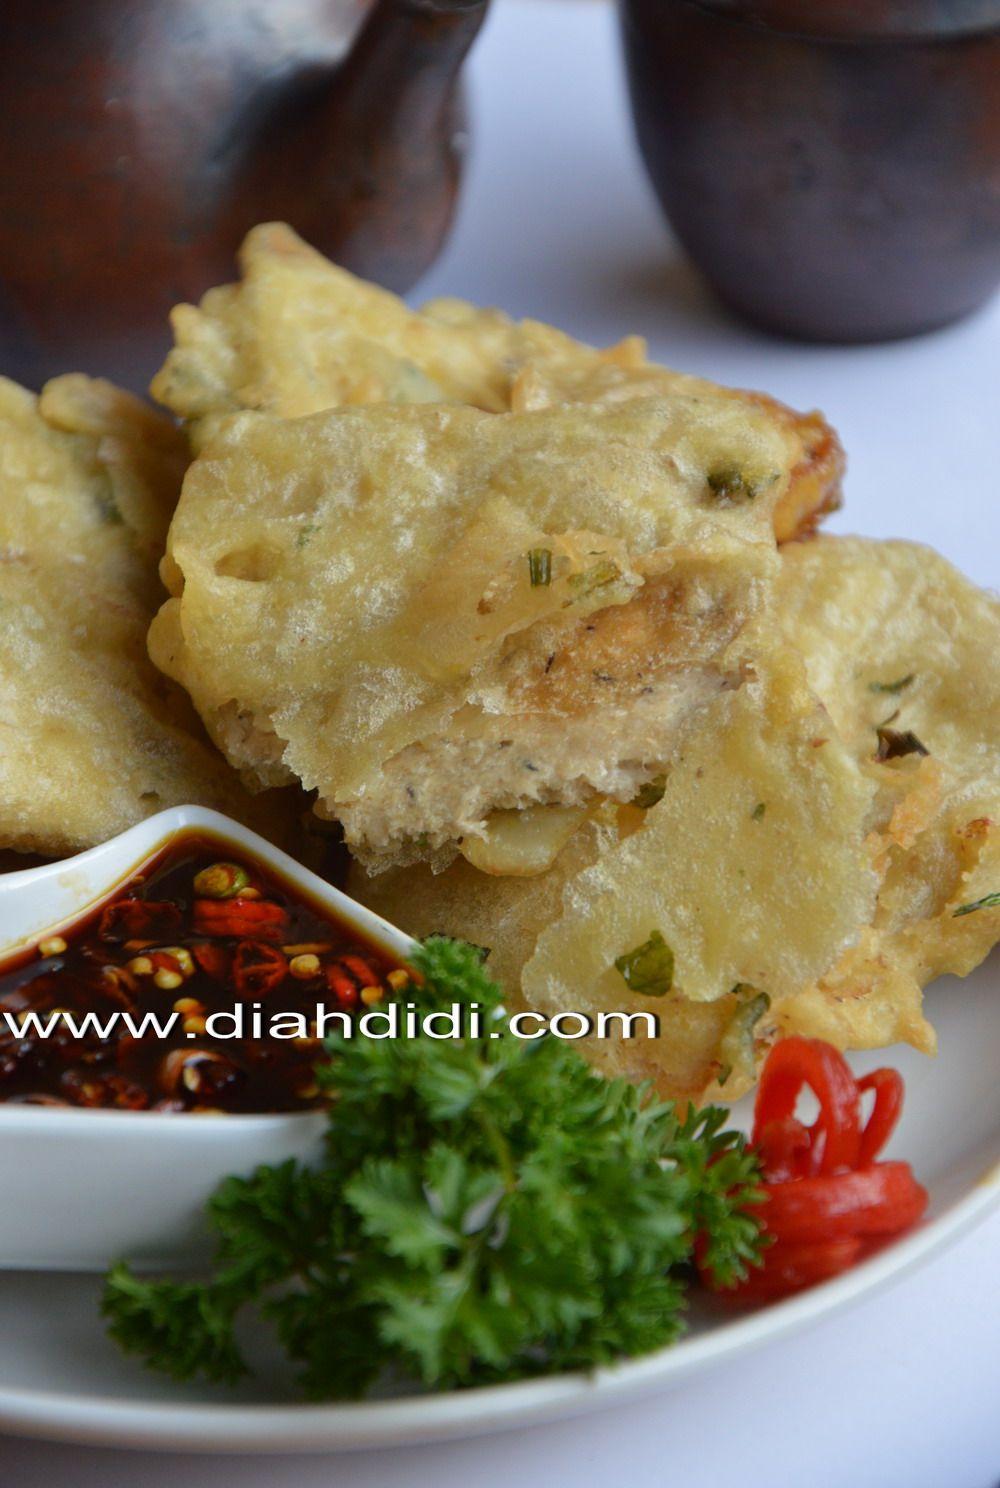 Blog Diah Didi Berisi Resep Masakan Praktis Yang Mudah Dipraktekkan Di Rumah Resep Masakan Resep Masakan Indonesia Makanan Dan Minuman